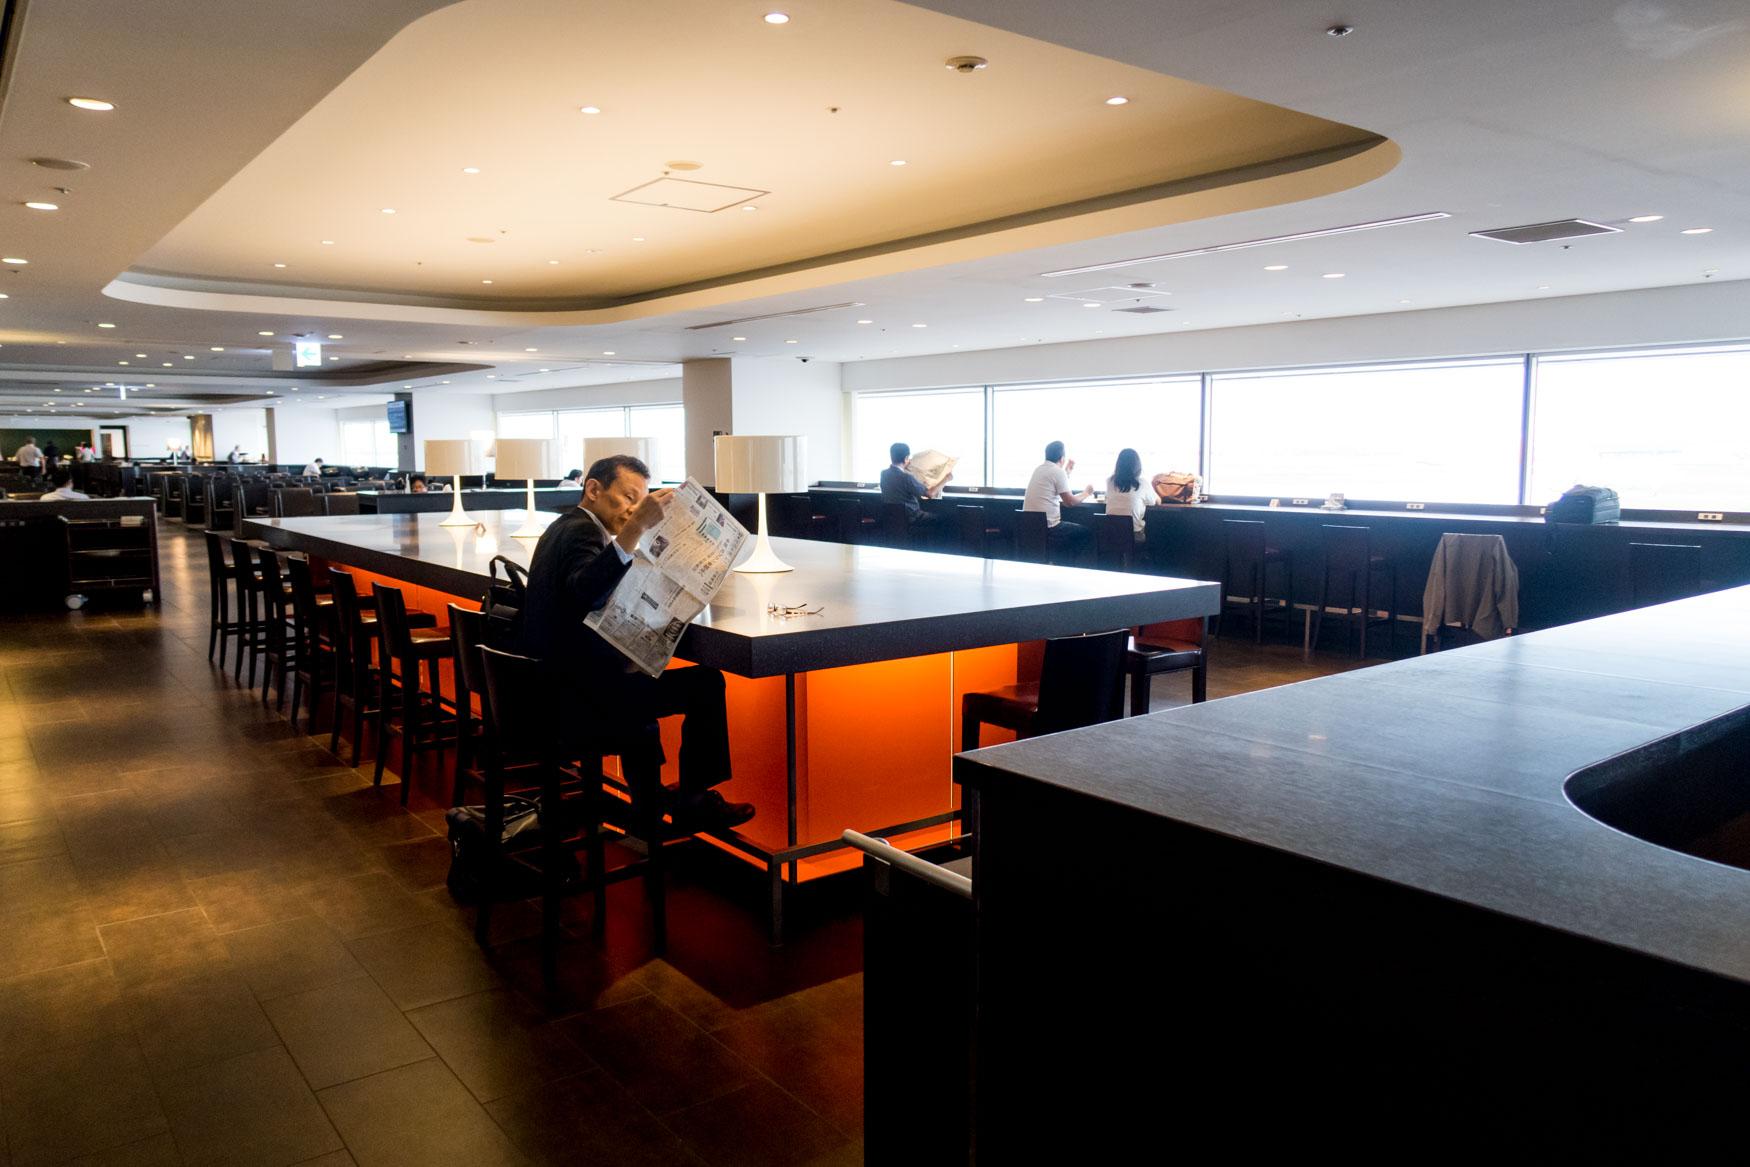 JAL Sakura Lounge Access Using Award Ticket Booked with Avios